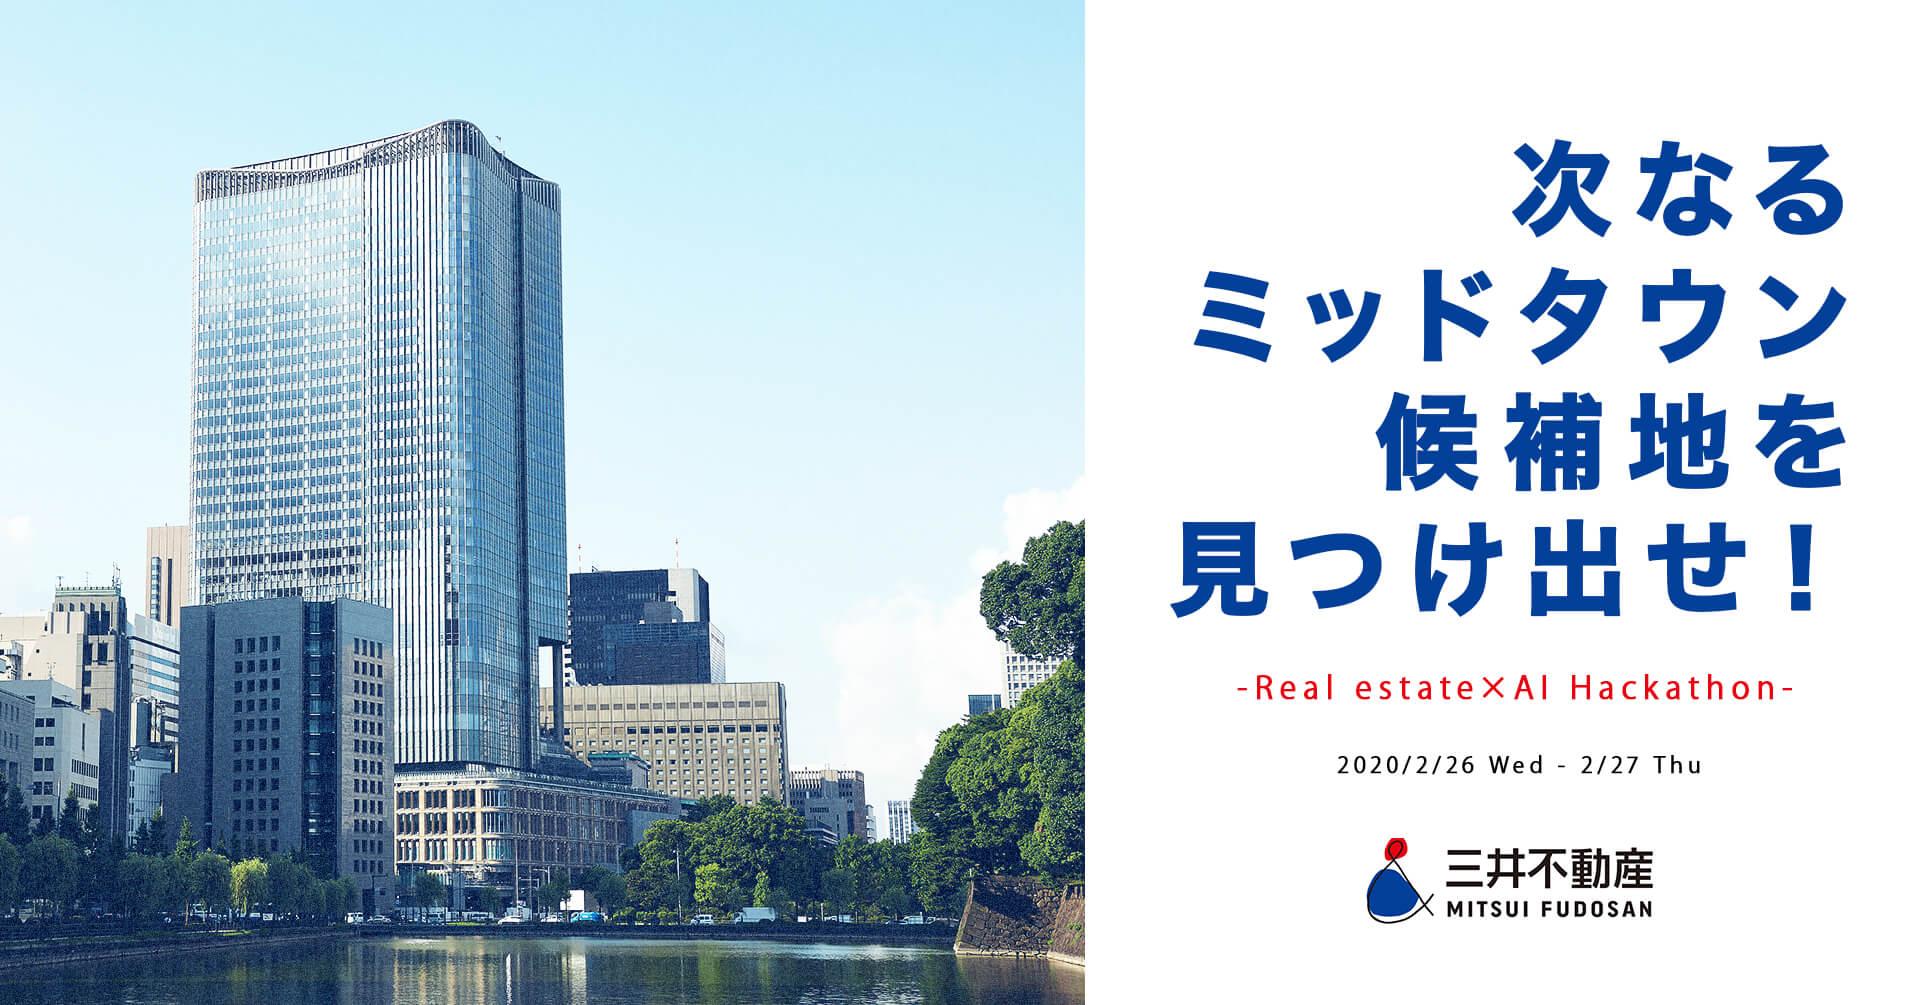 業界トップ企業が新たな風を起こす。三井不動産主催ハッカソン